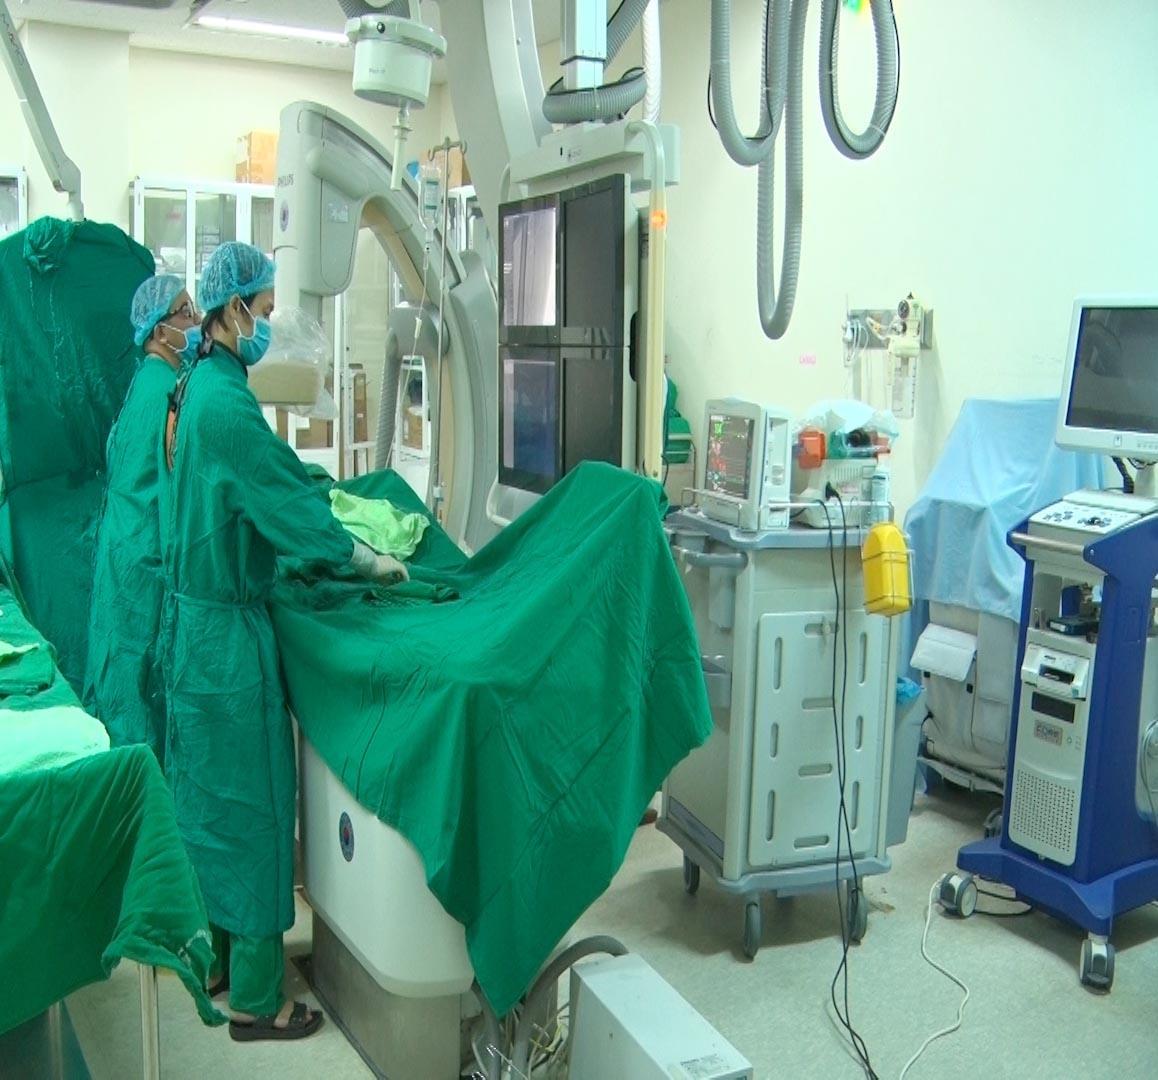 Việc đặt stent động mạch vành cho bệnh nhân tại Bệnh viện Đa khoa Trung ương Quảng Nam đã để xảy ra những sai sót liên quan đến việc thanh toán chi phí dịch vụ kỹ thuật cao trong tỉnh. Ảnh: BV